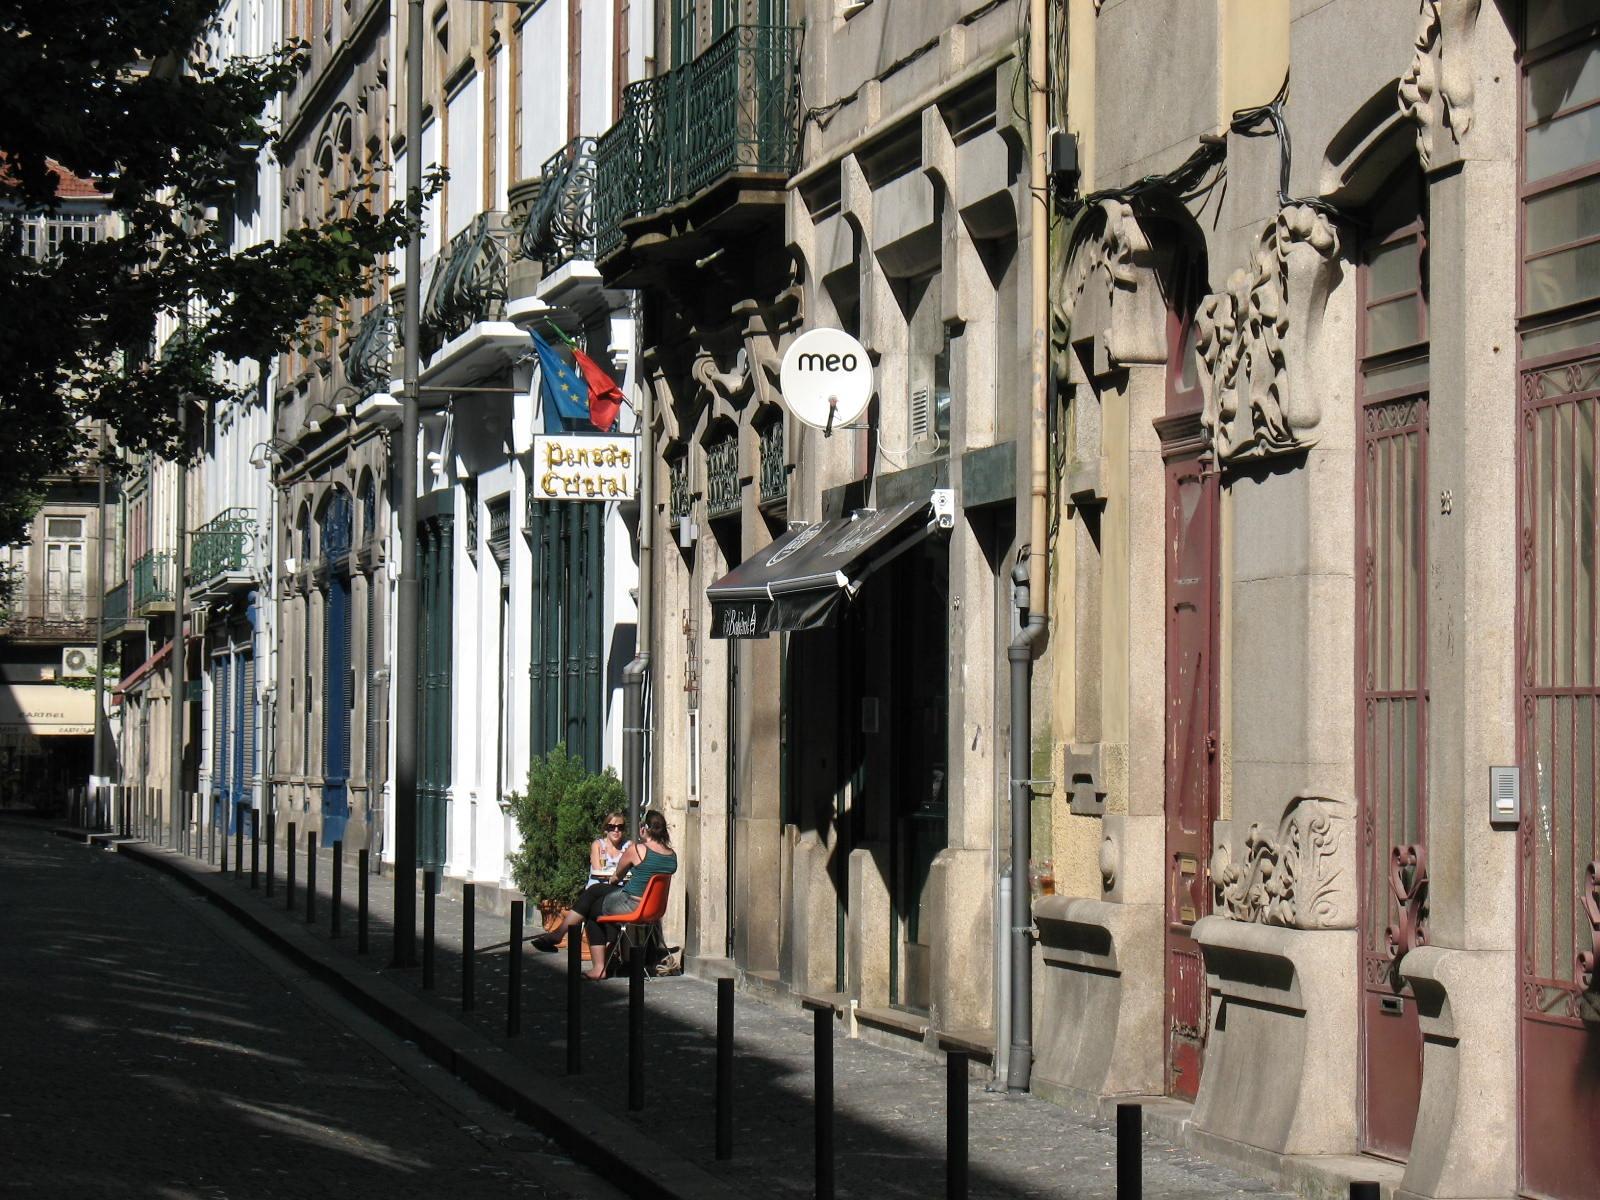 Rui Moreira acusa DGPC de interferir com a política local do Porto